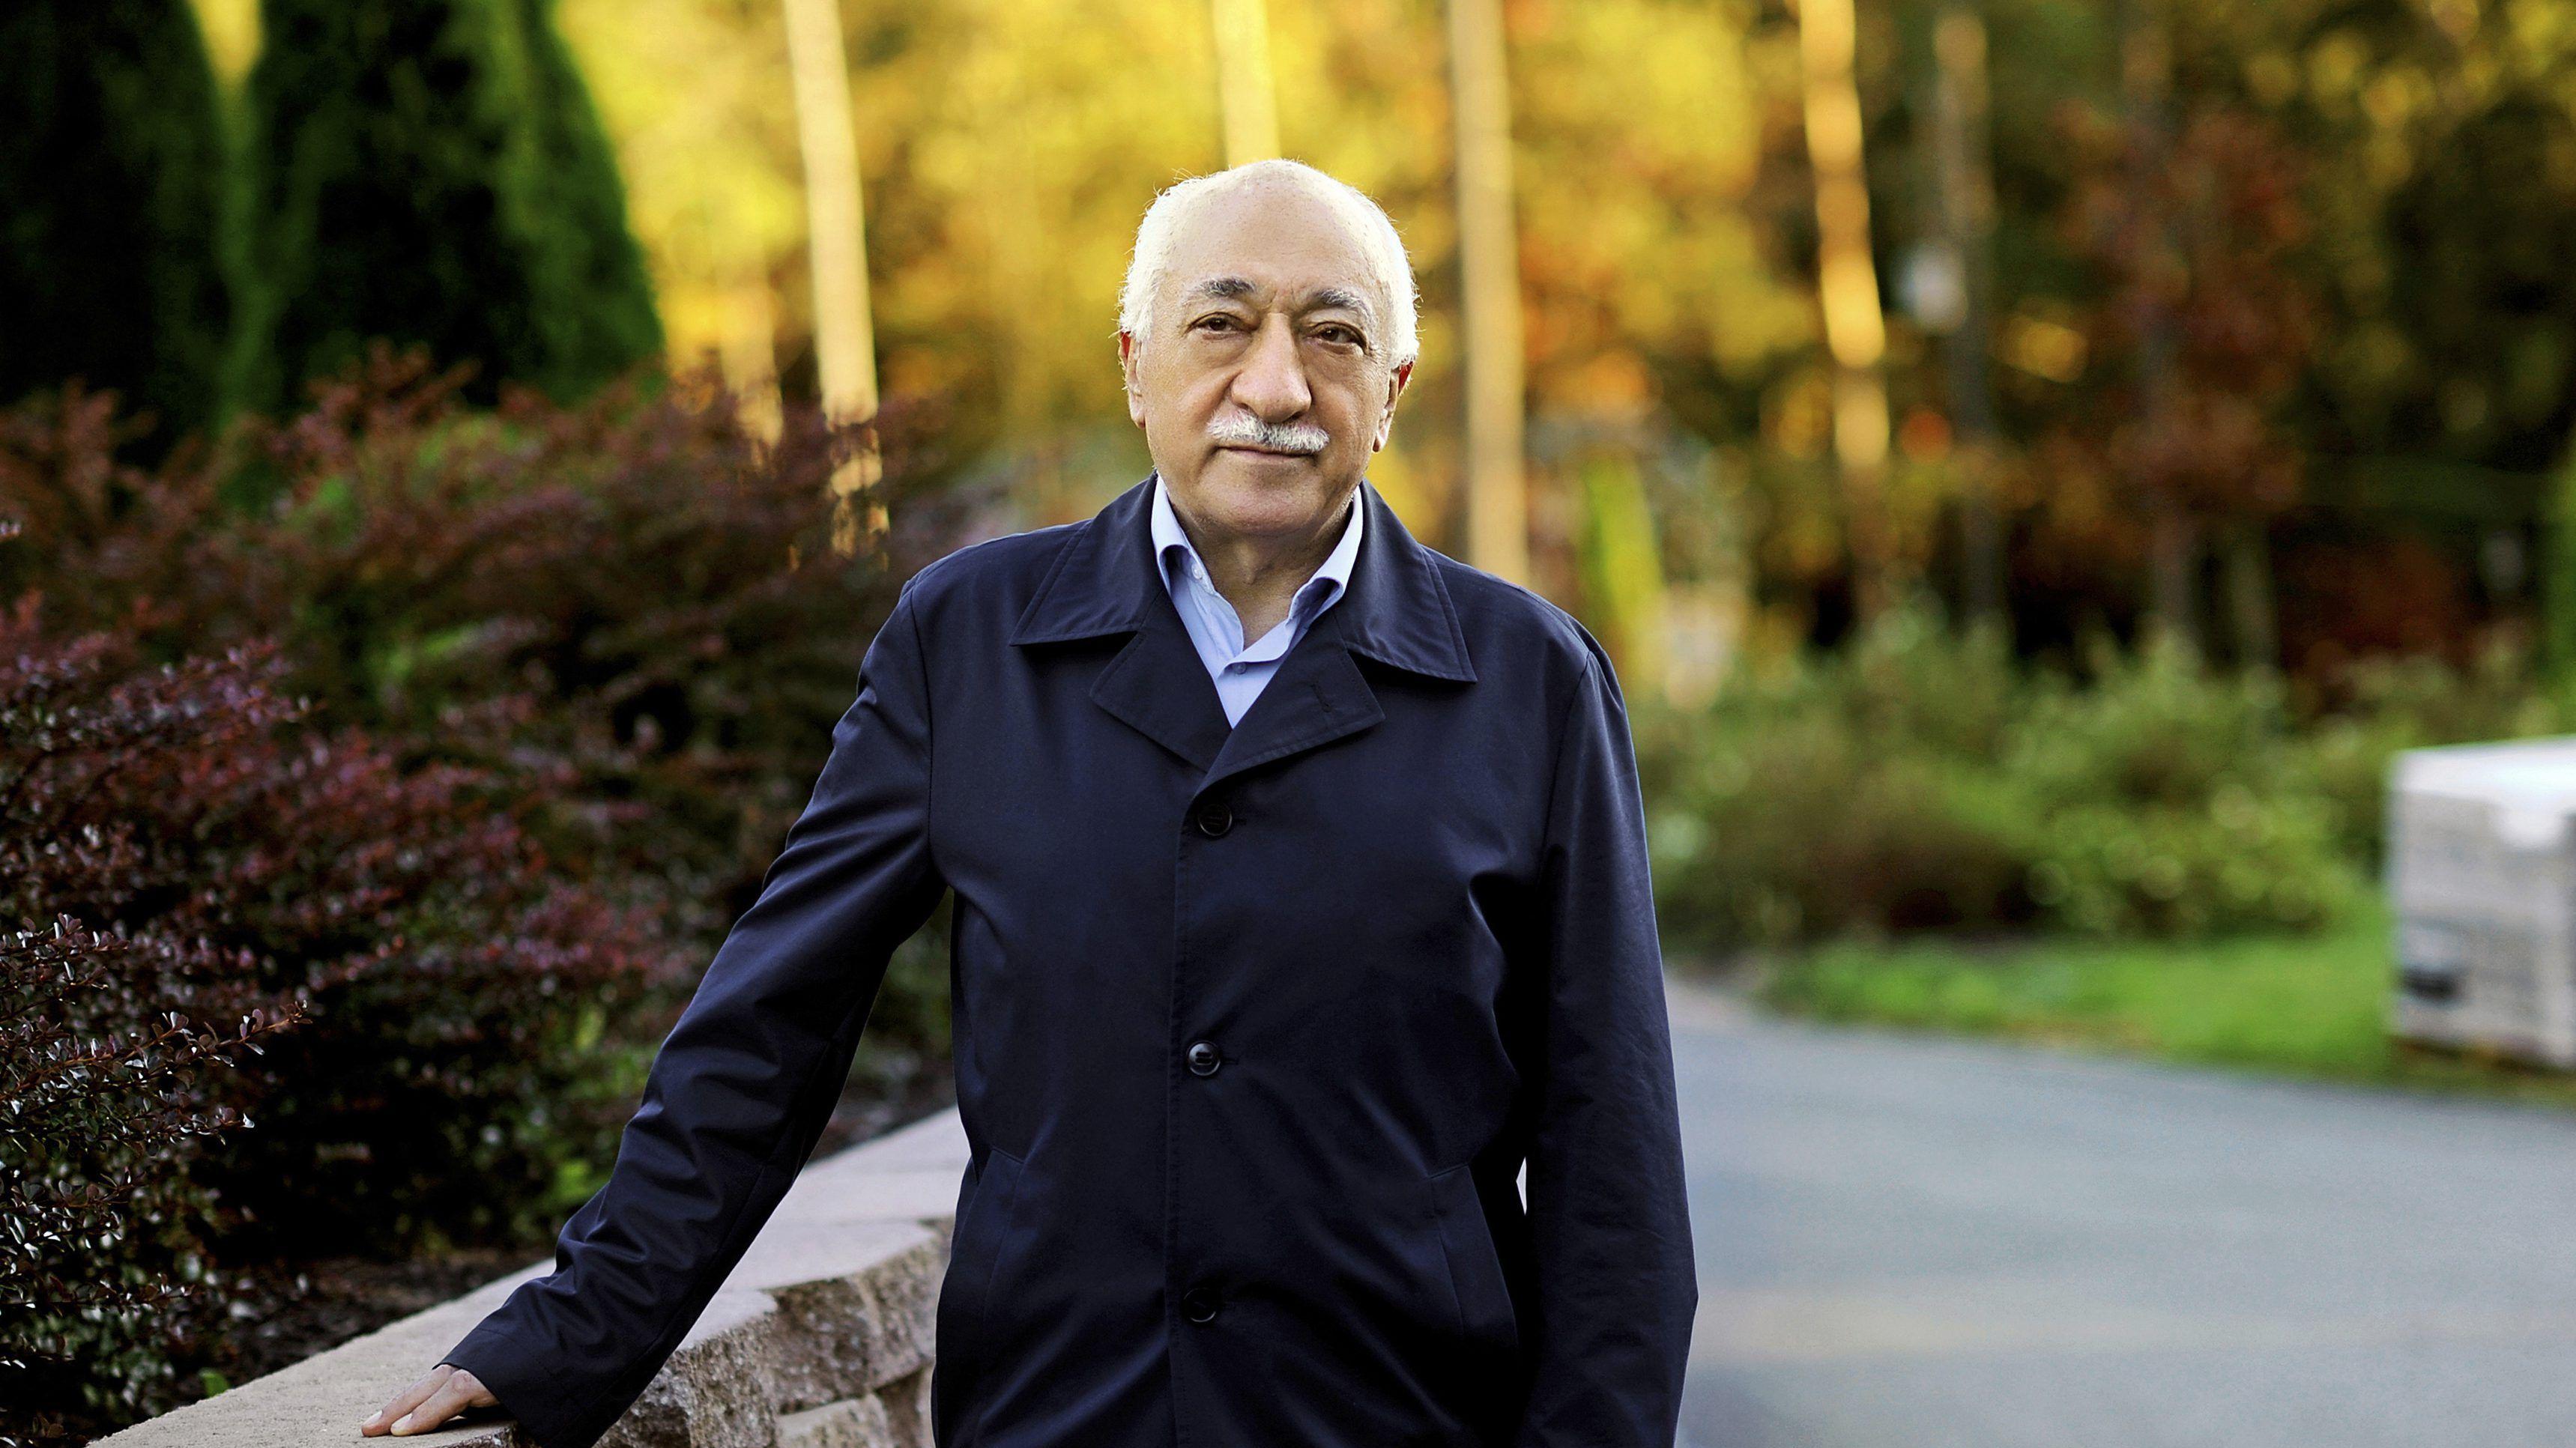 Người đứng sau âu mưu đảo chính Thổ Nhĩ Kỳ 1